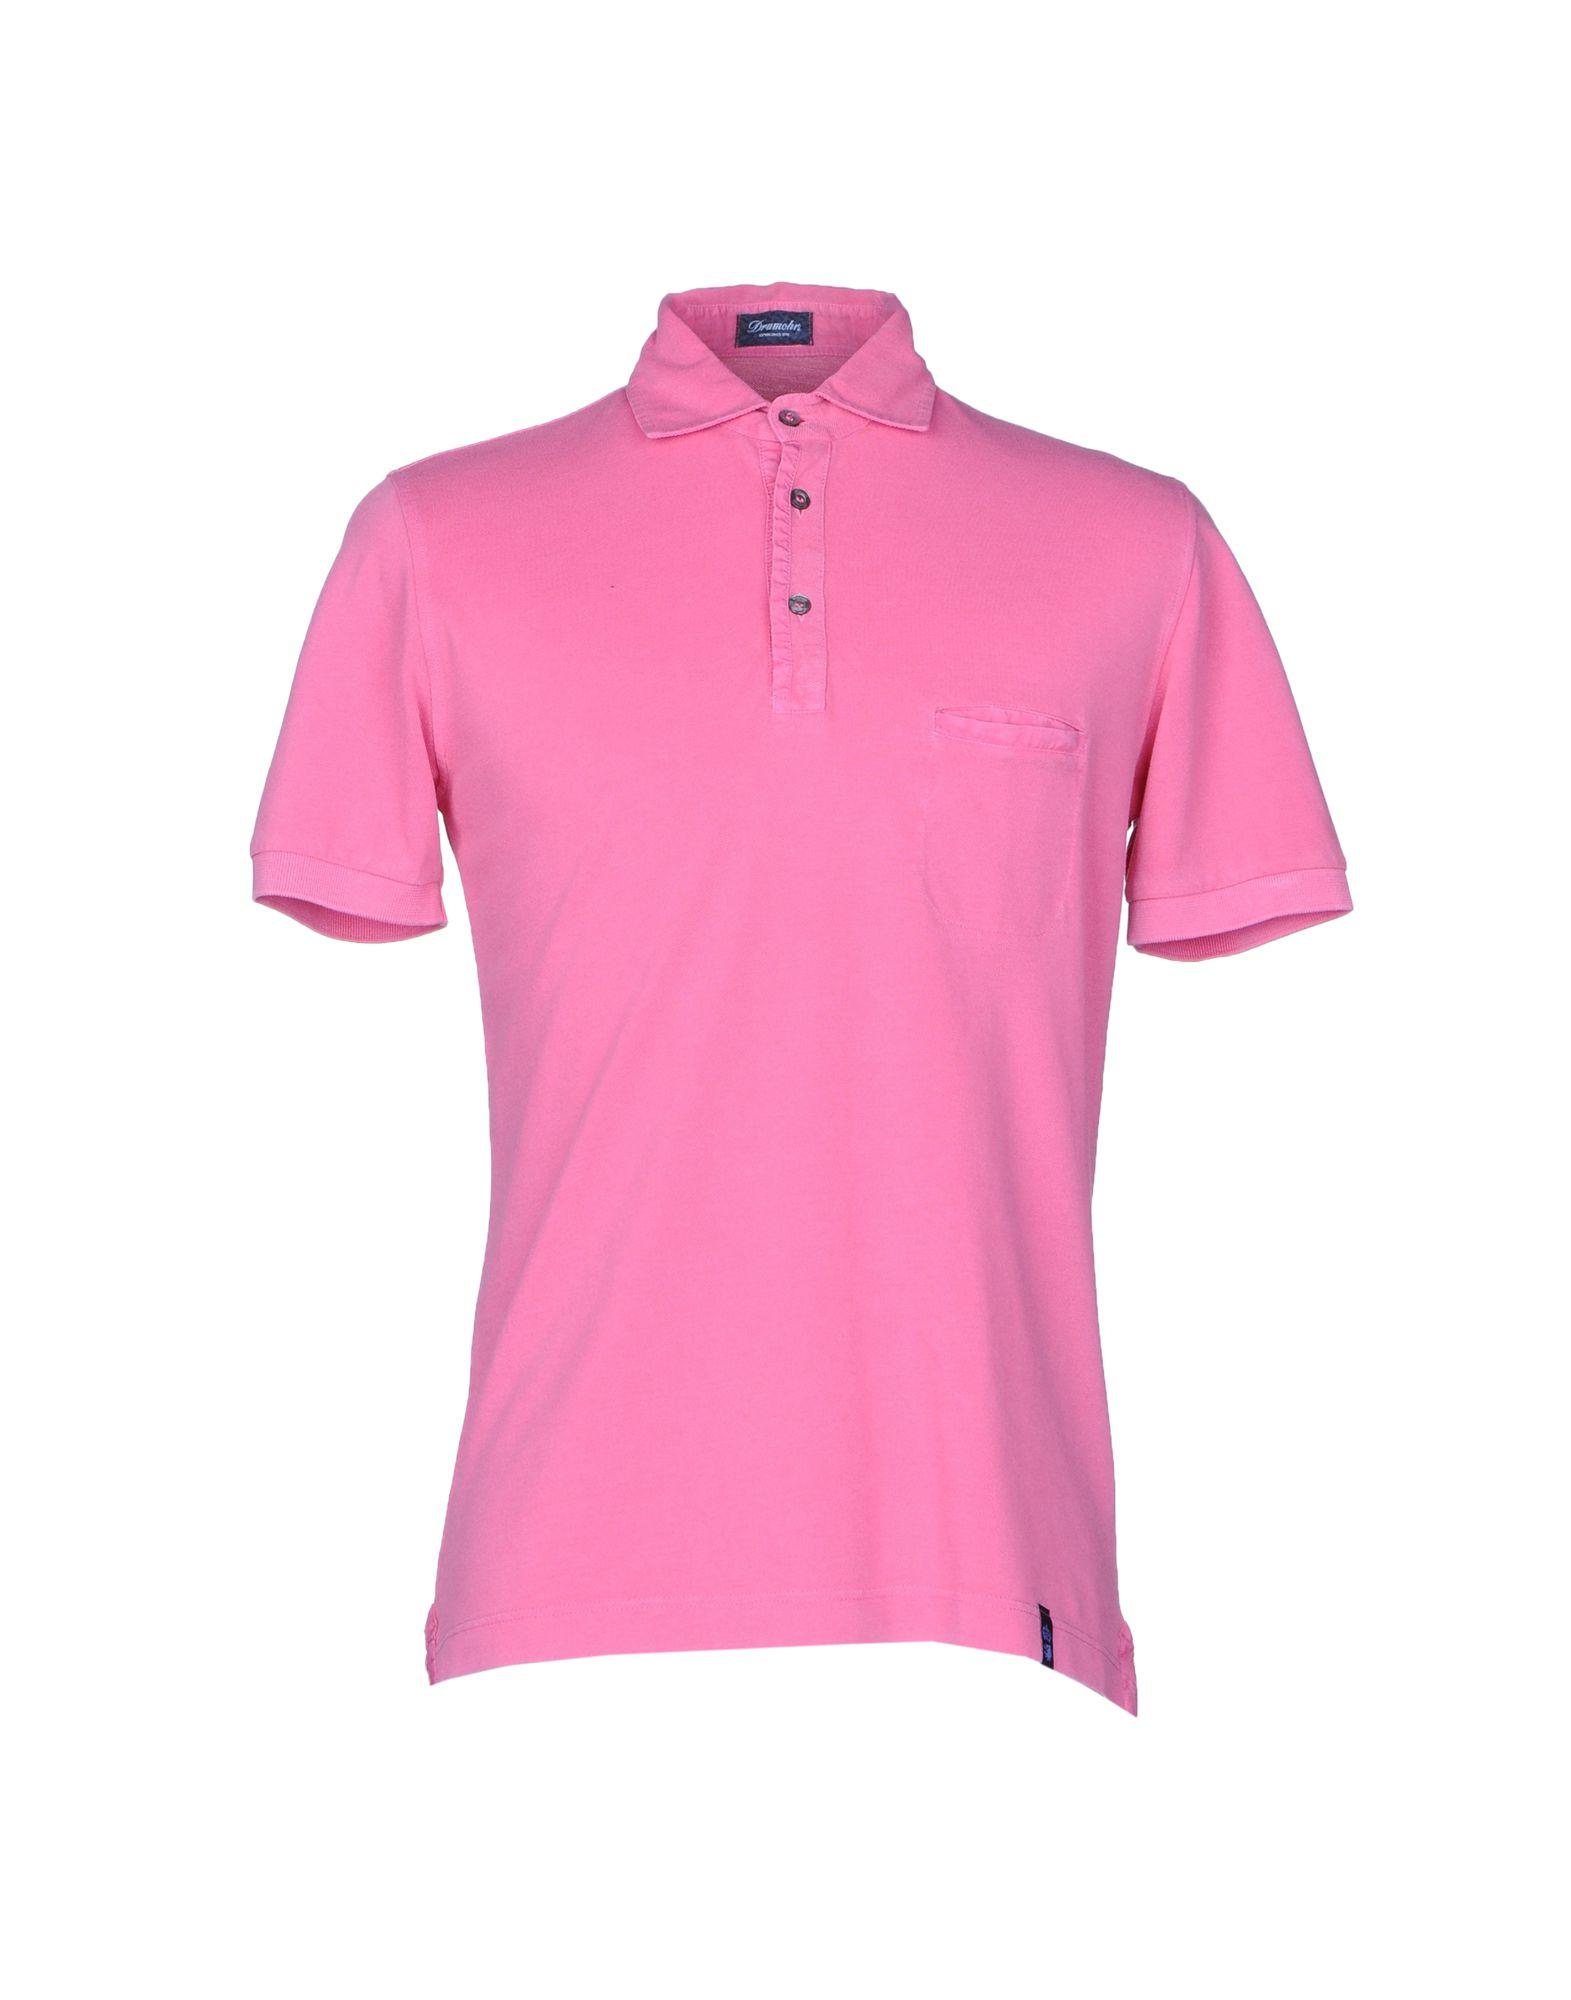 《送料無料》DRUMOHR メンズ ポロシャツ ピンク S コットン 100%